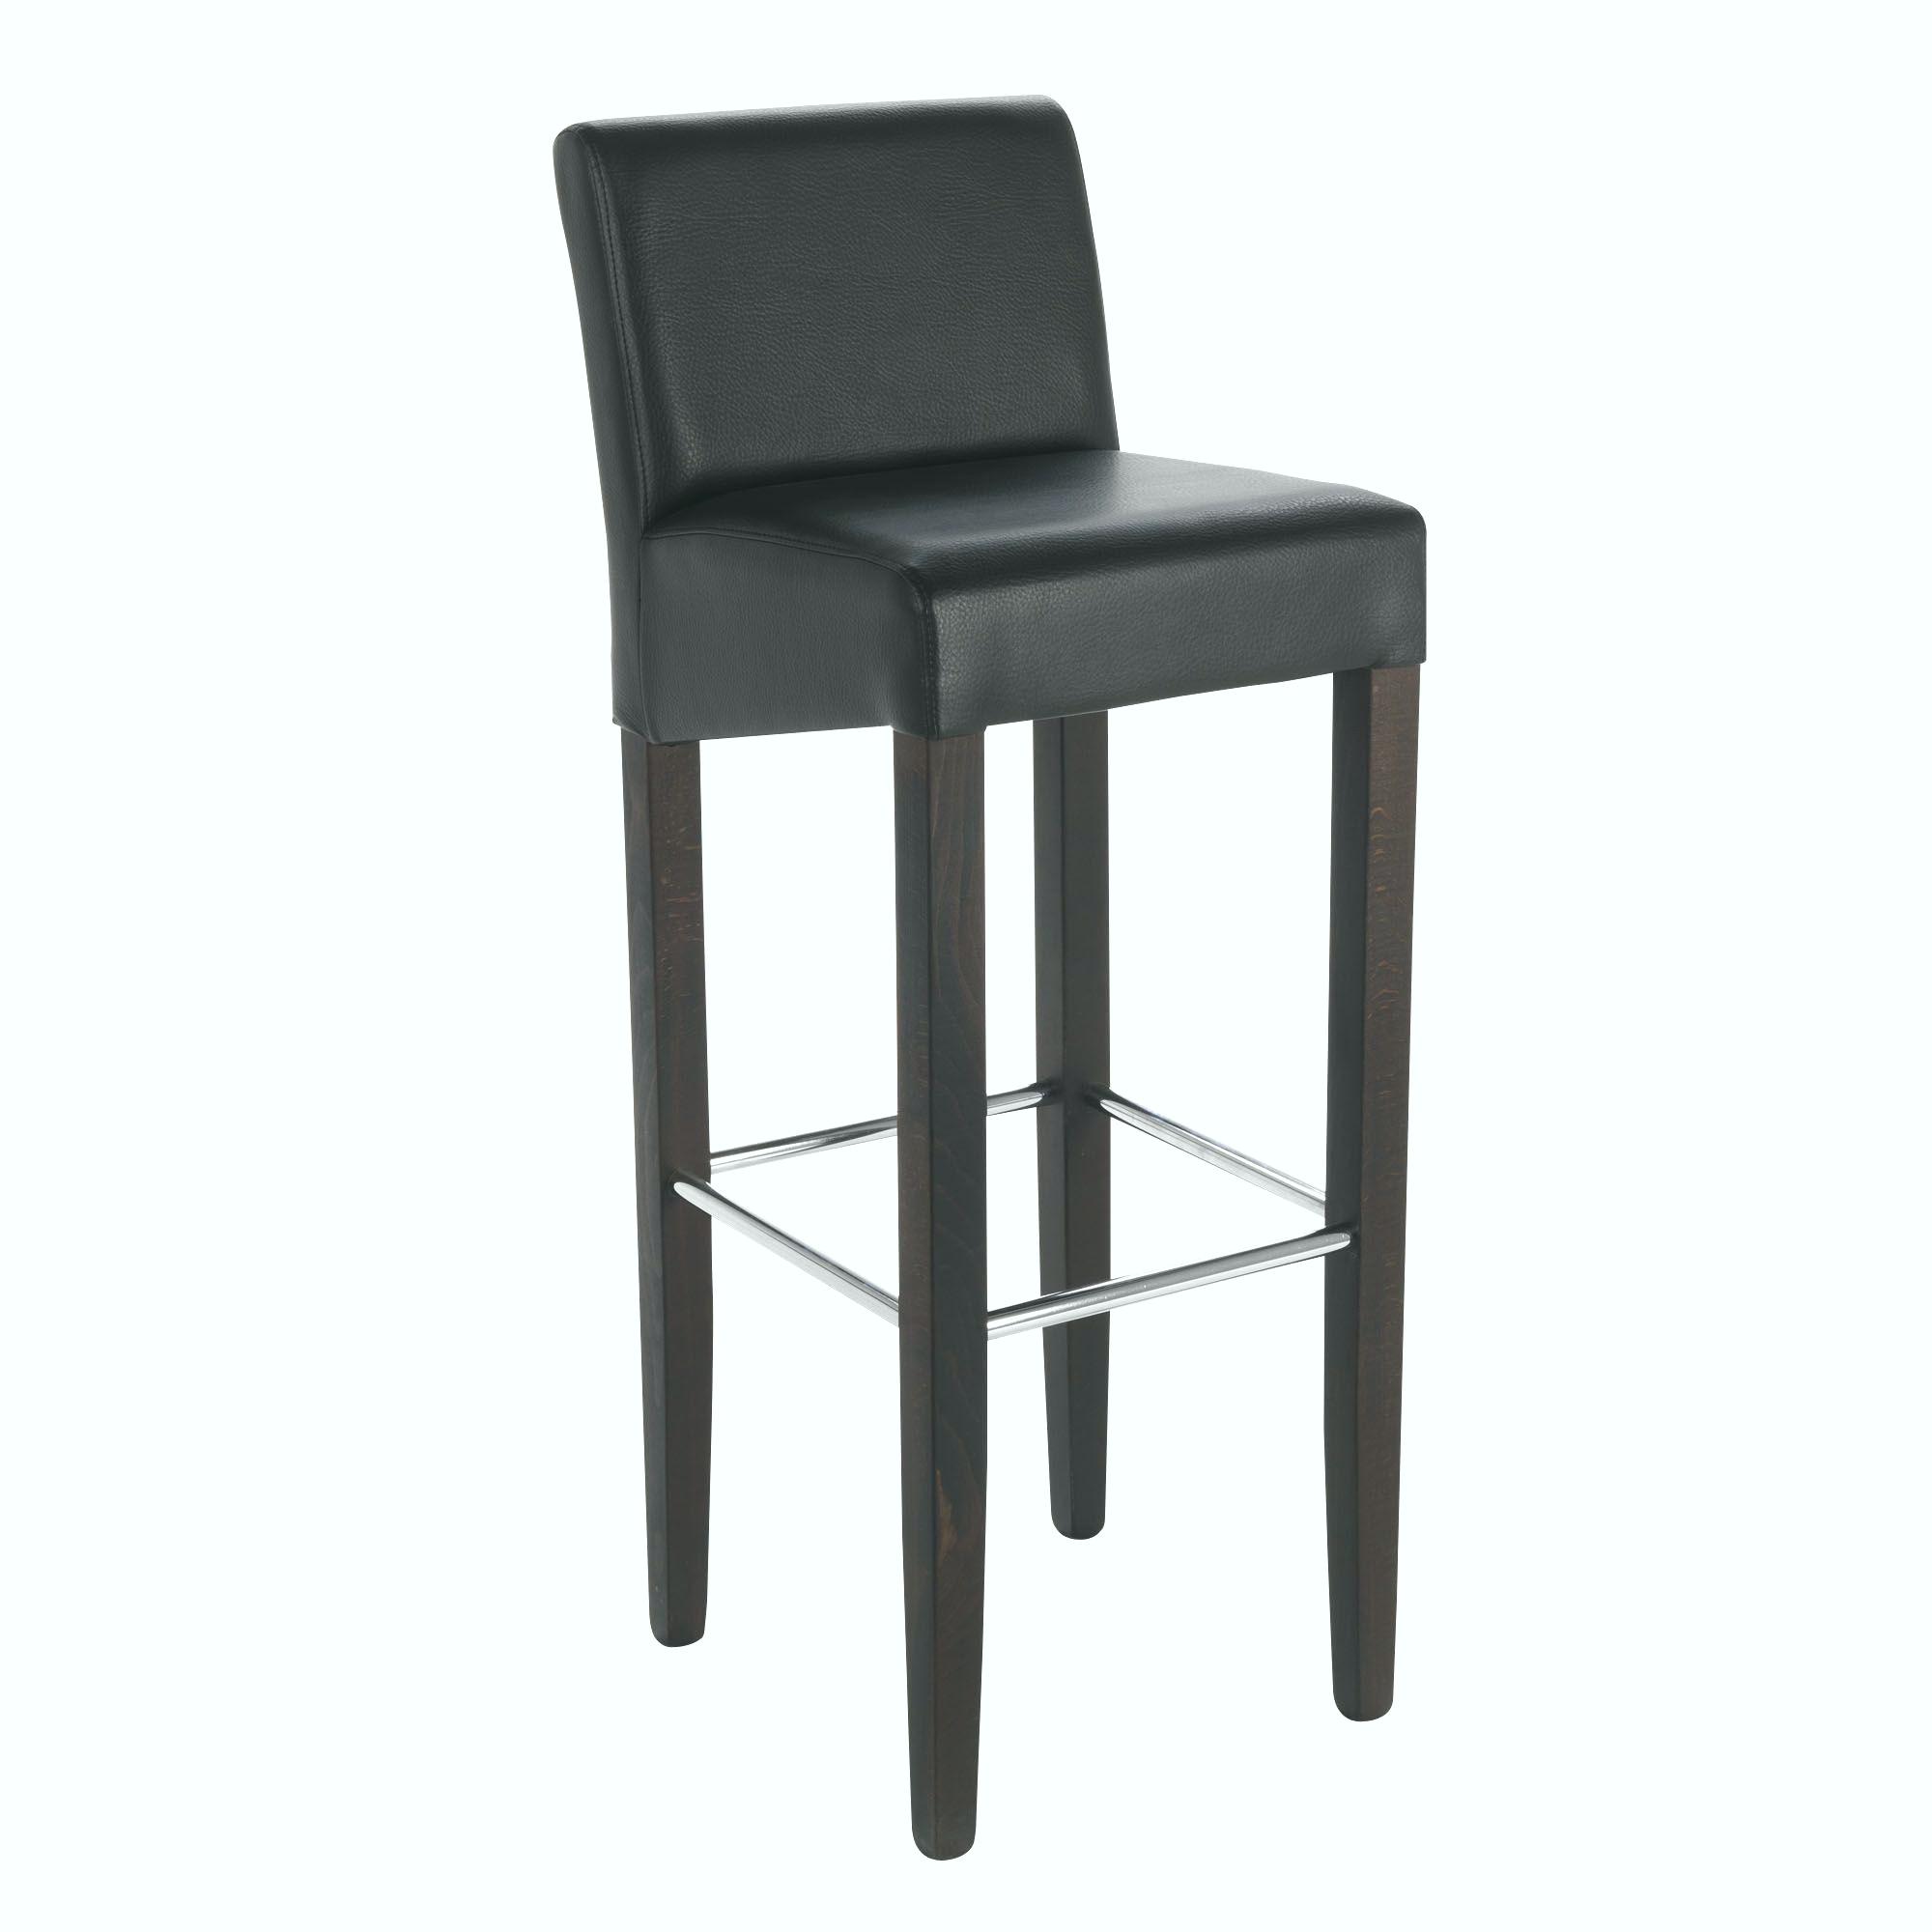 Conforama Tables De Cuisine Luxe Photos Table Tabouret Inspirant Ikea Chaise Bar élégant Chaises Conforama